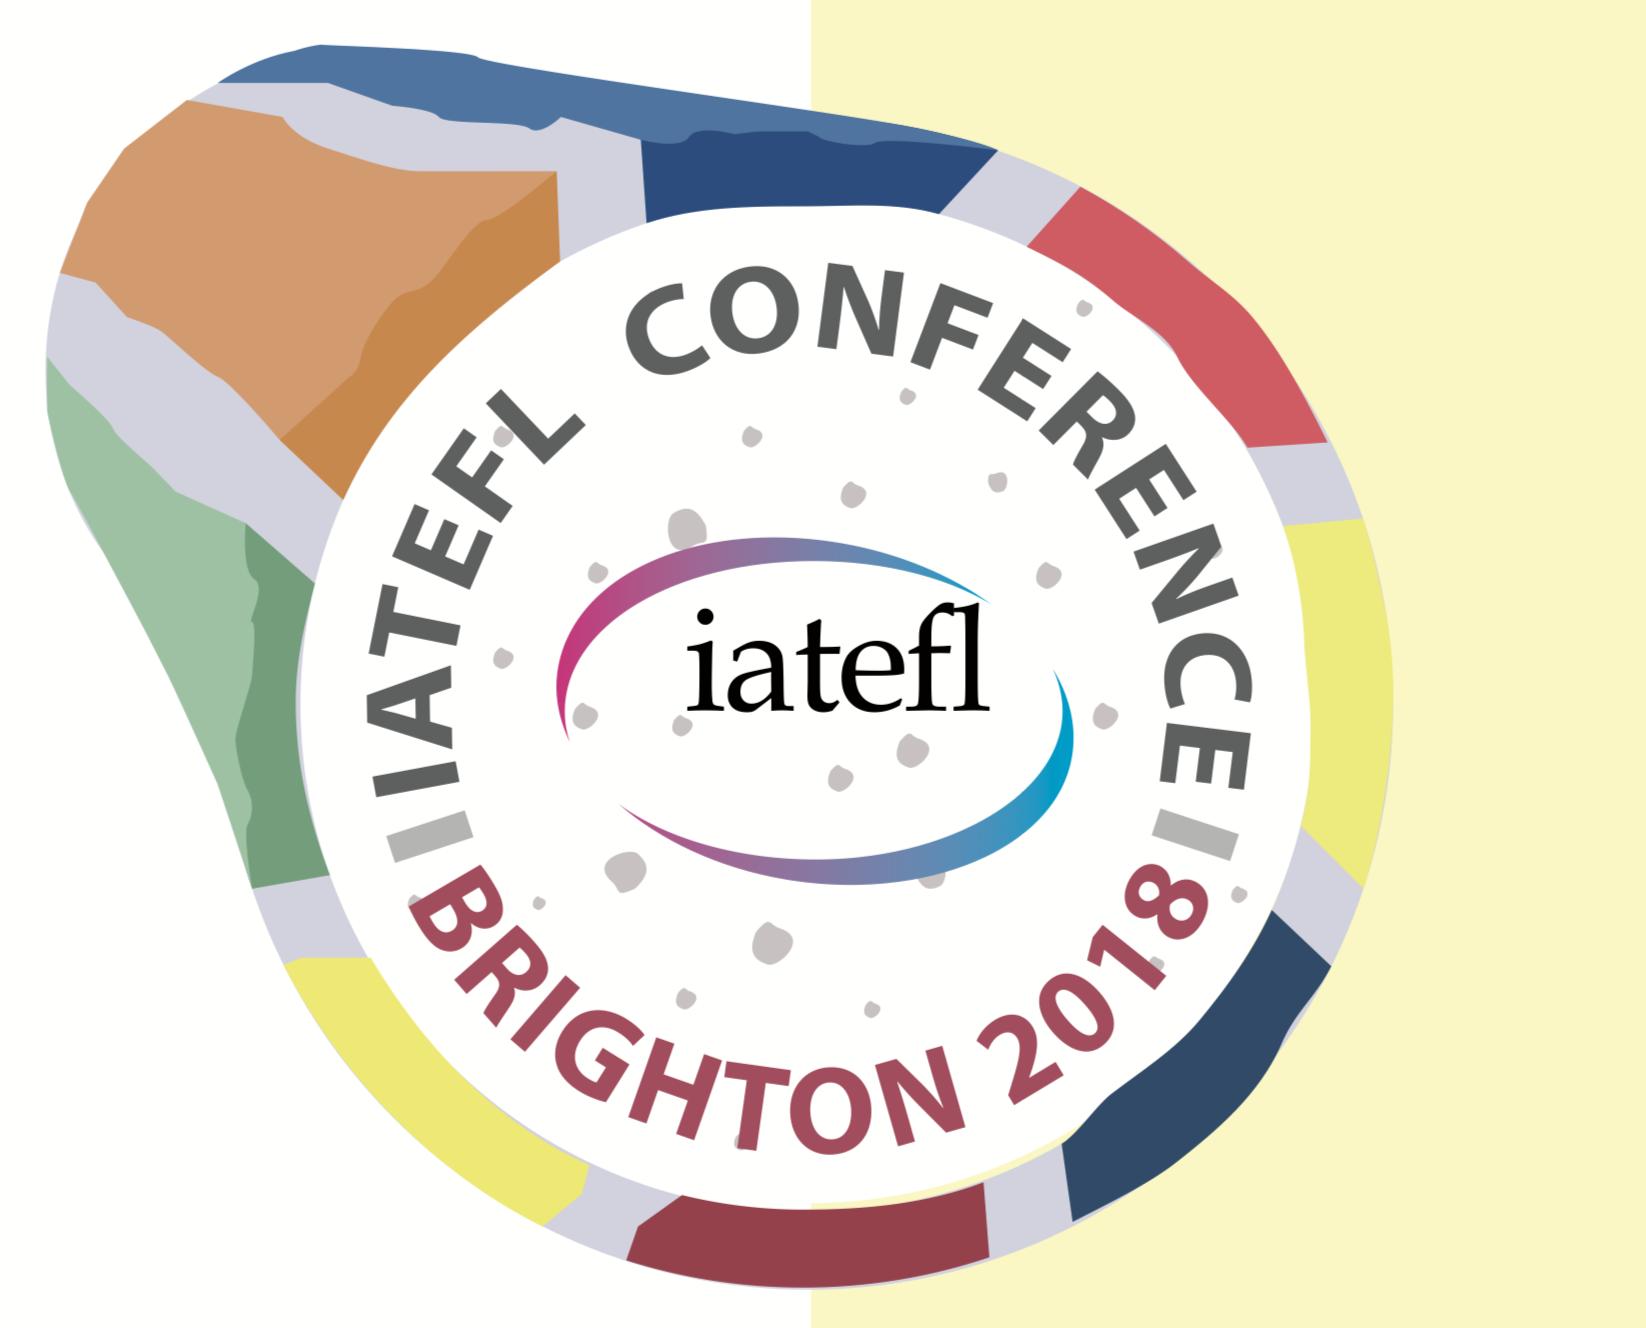 Brighton Conference 2018